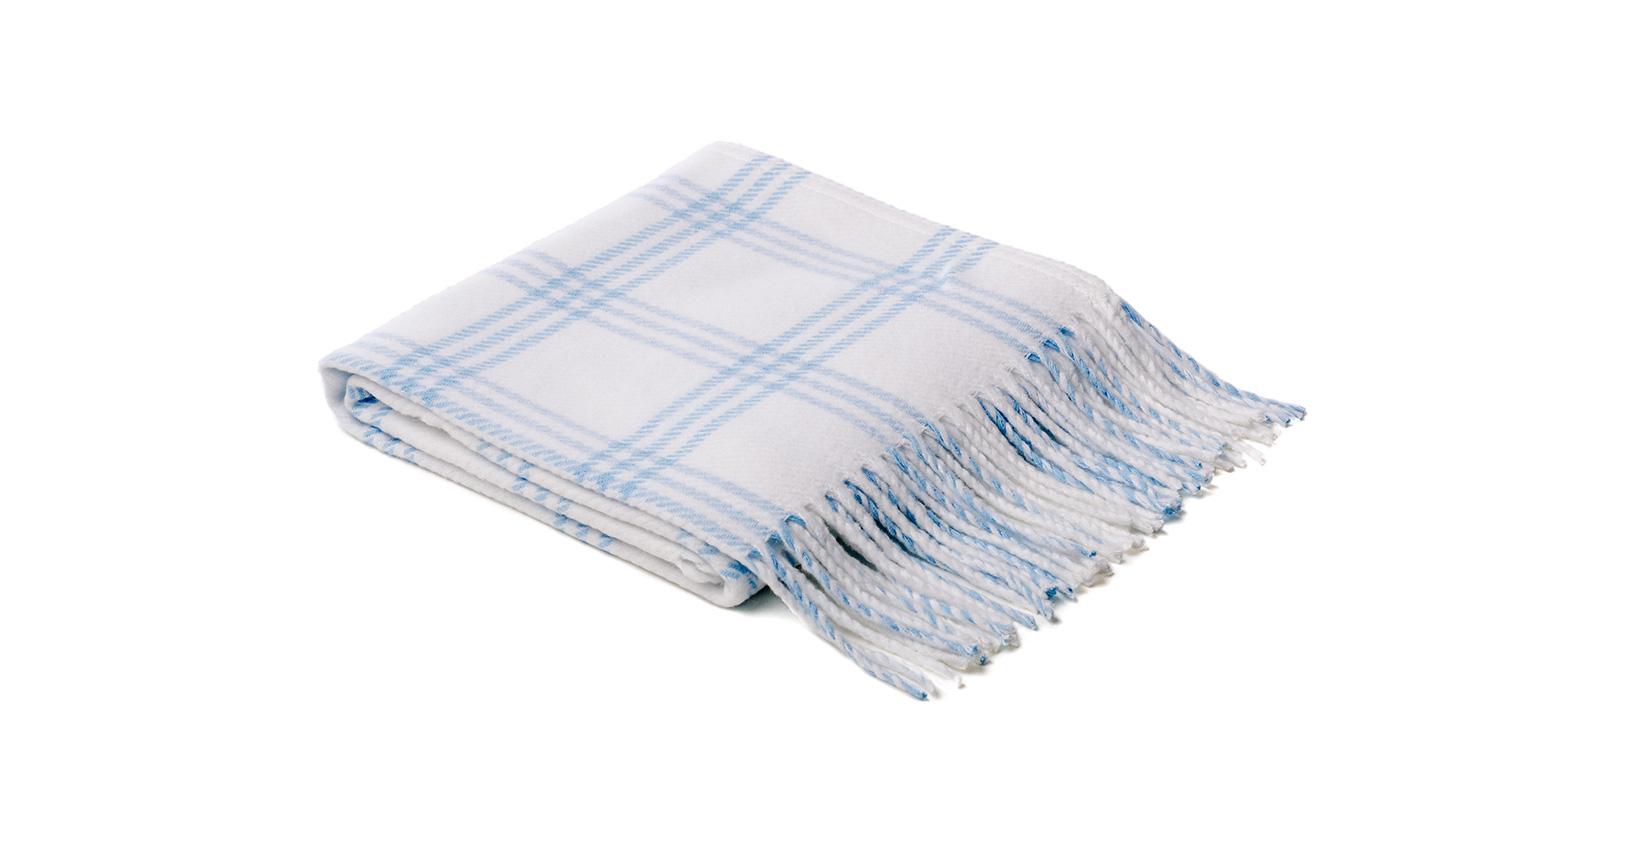 Baby blankets, cobertores bebé - Berry